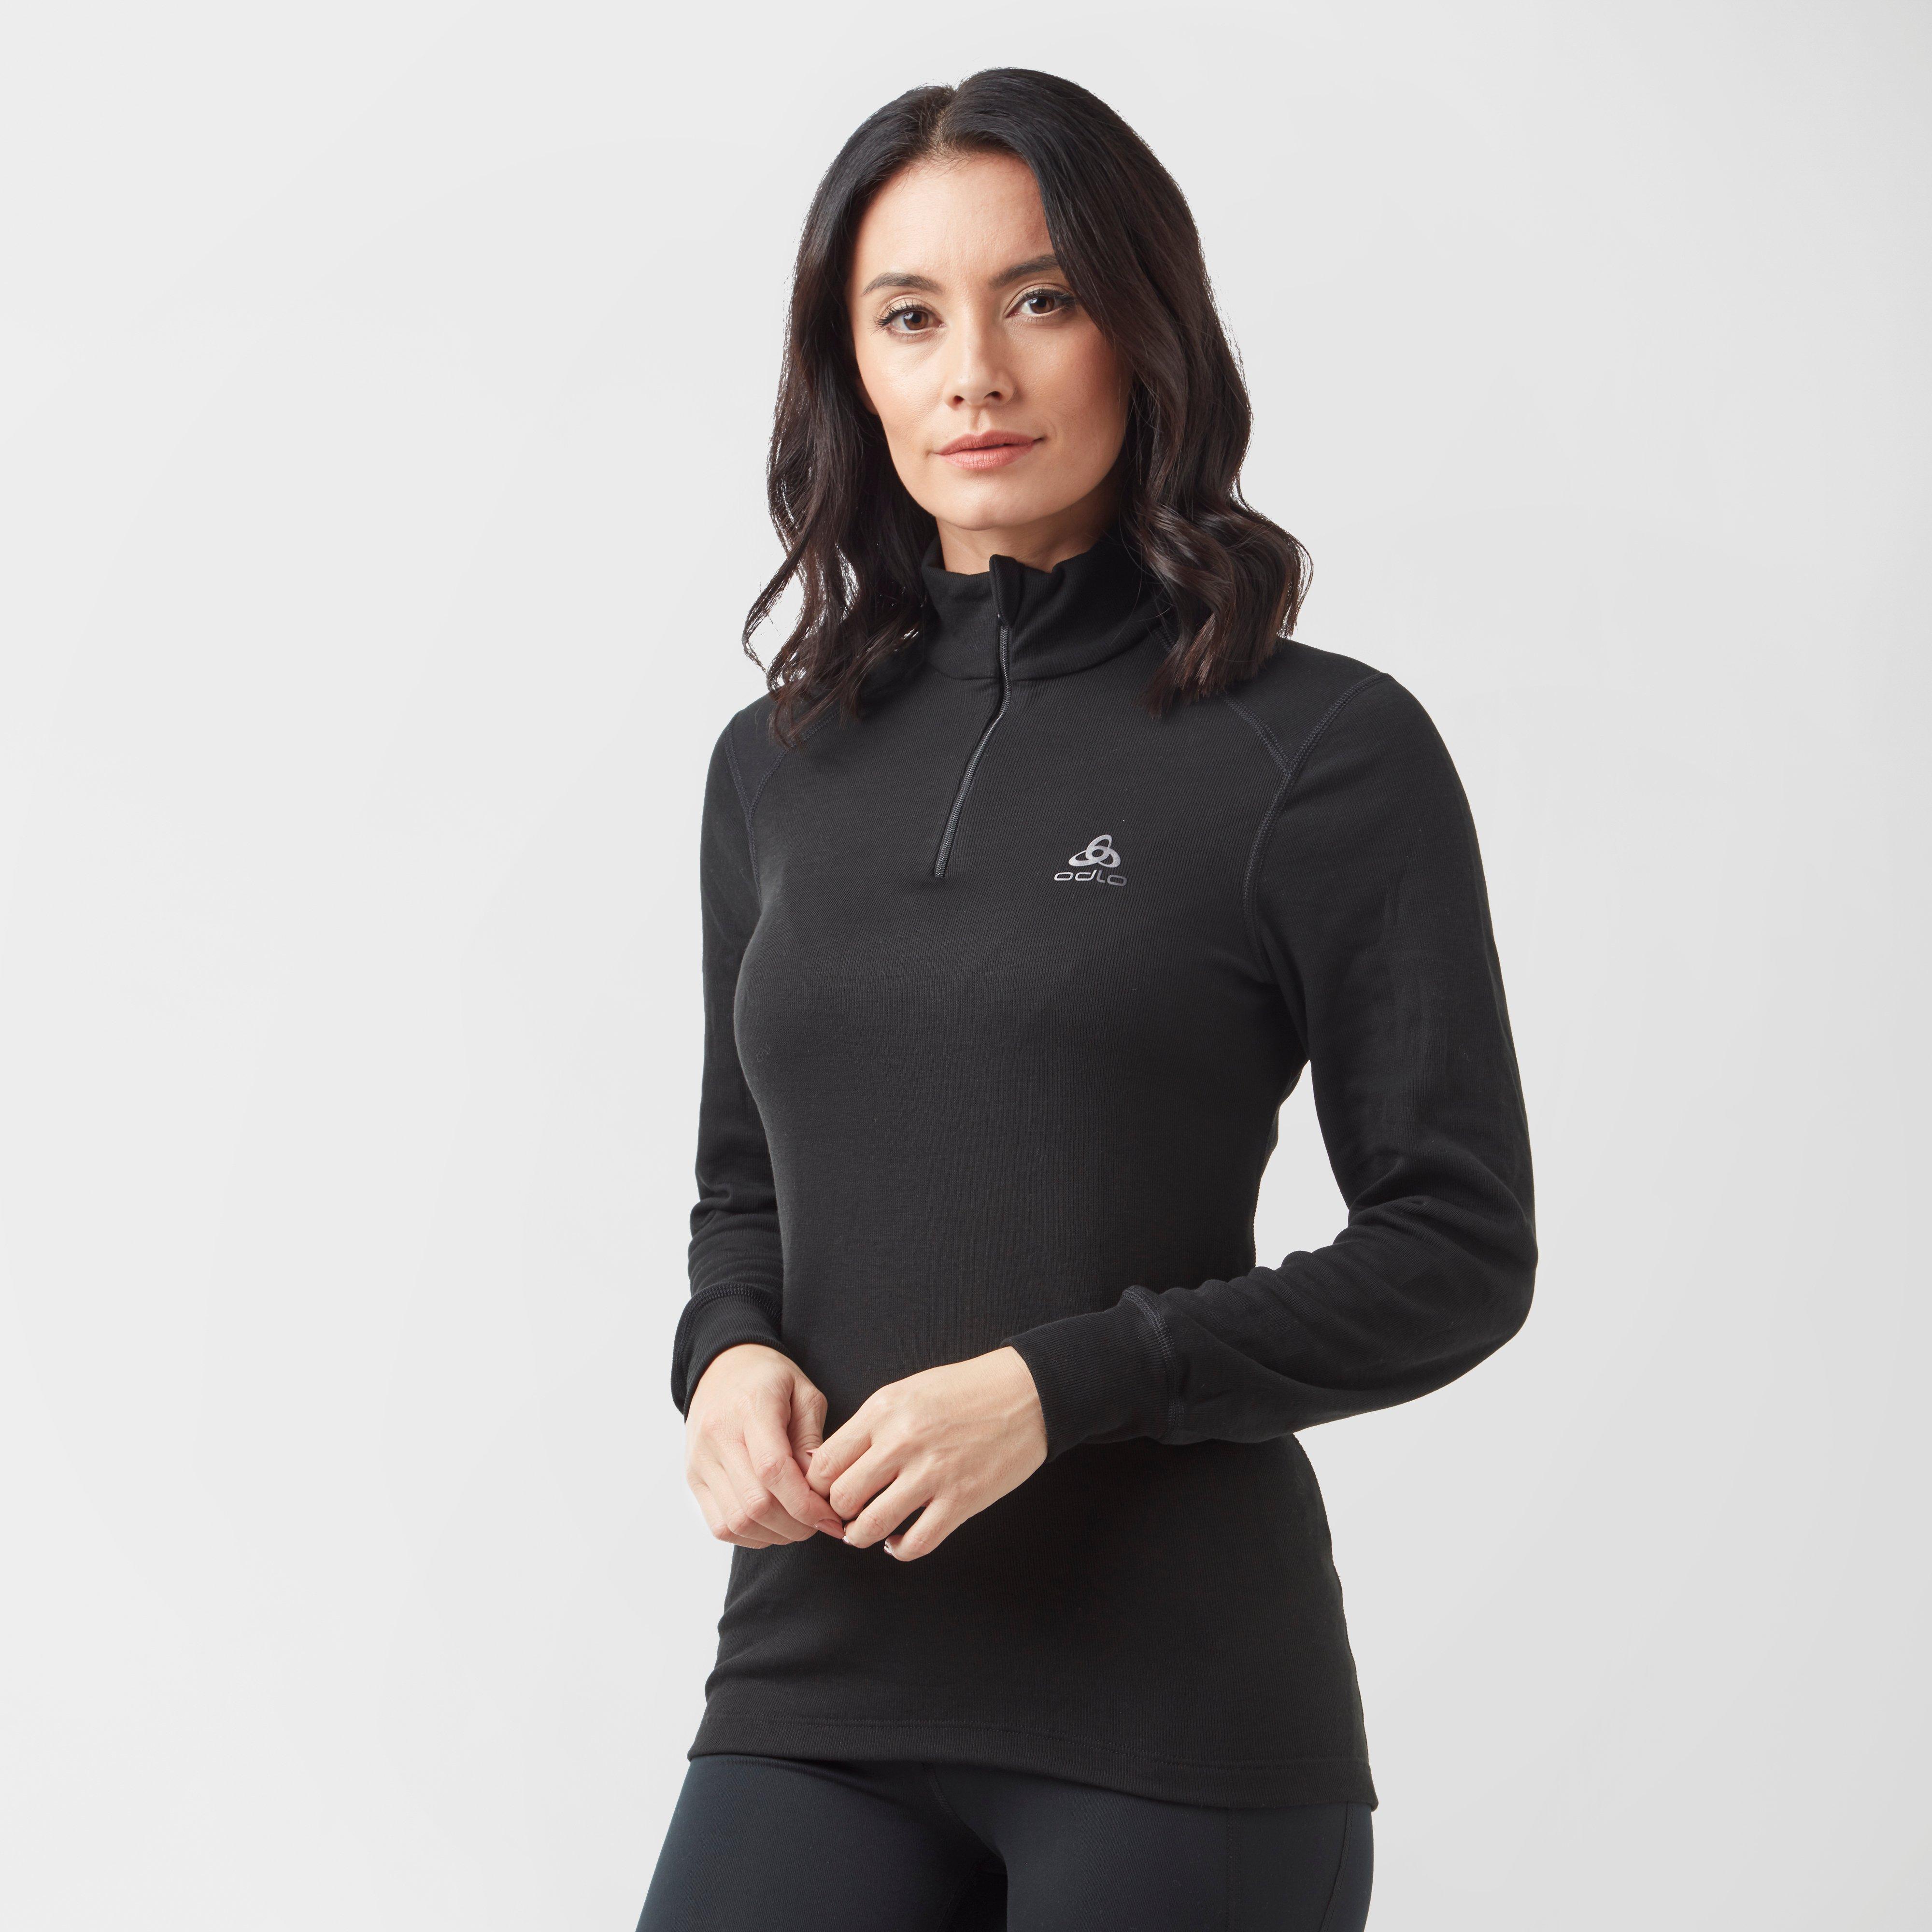 Odlo Women's Active Warm Half Zip - Black/Blk, Black